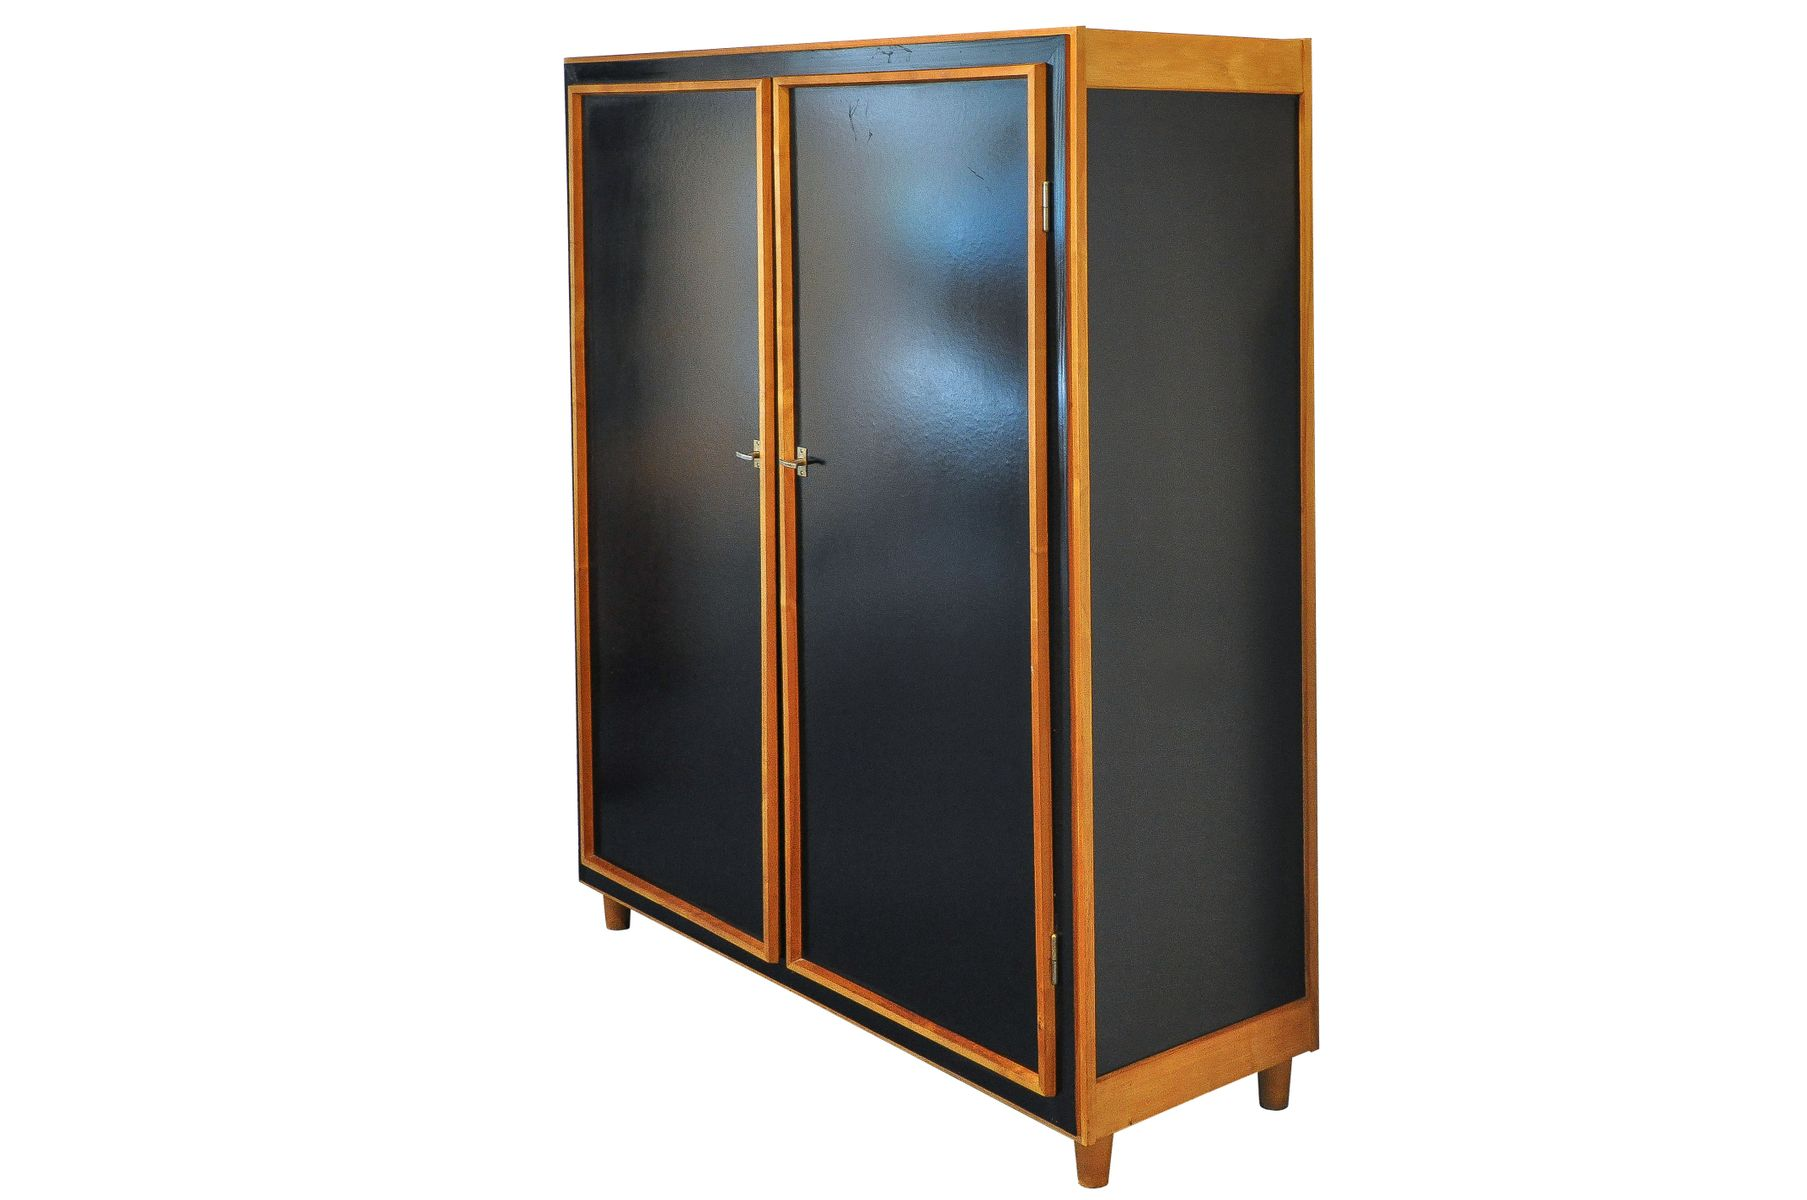 pavatex schrank von willy guhl f r schreinerei guhl 1950er bei pamono kaufen. Black Bedroom Furniture Sets. Home Design Ideas